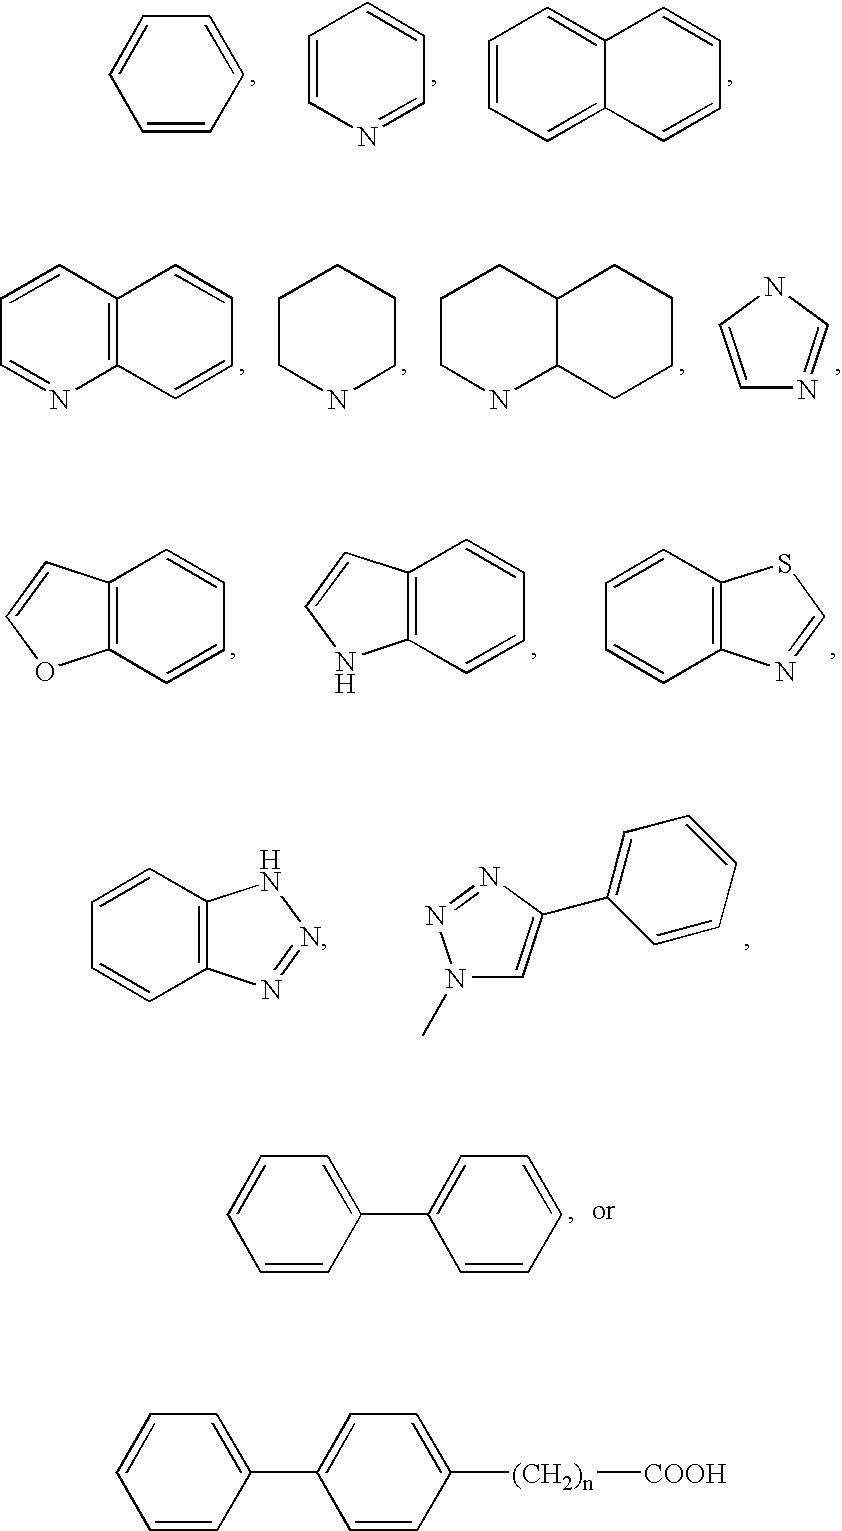 Figure US20070054870A1-20070308-C00042